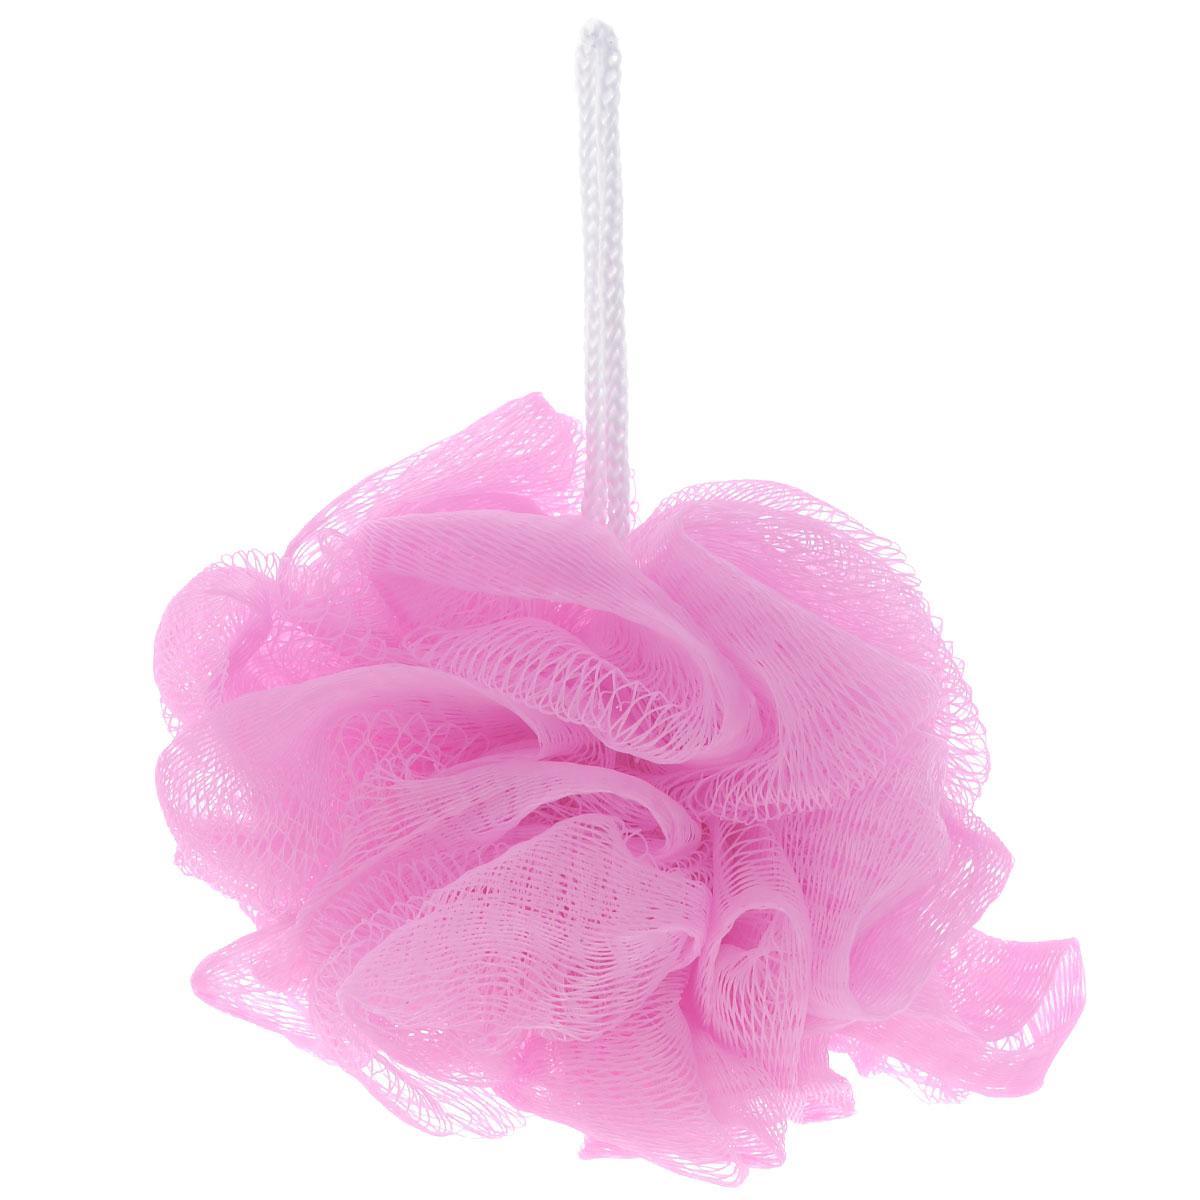 Мочалка The Body Time, цвет: розовый5010777139655Мочалка The Body Time, выполненная из нейлона, предназначена для мягкого очищения кожи. Она станет незаменимым аксессуаром ванной комнаты. Мочалка отлично пенится, обладает легким массажным воздействием, идеально подходит для нежной и чувствительной кожи. На мочалке имеется удобная петля для подвешивания. Диаметр: 10 см.